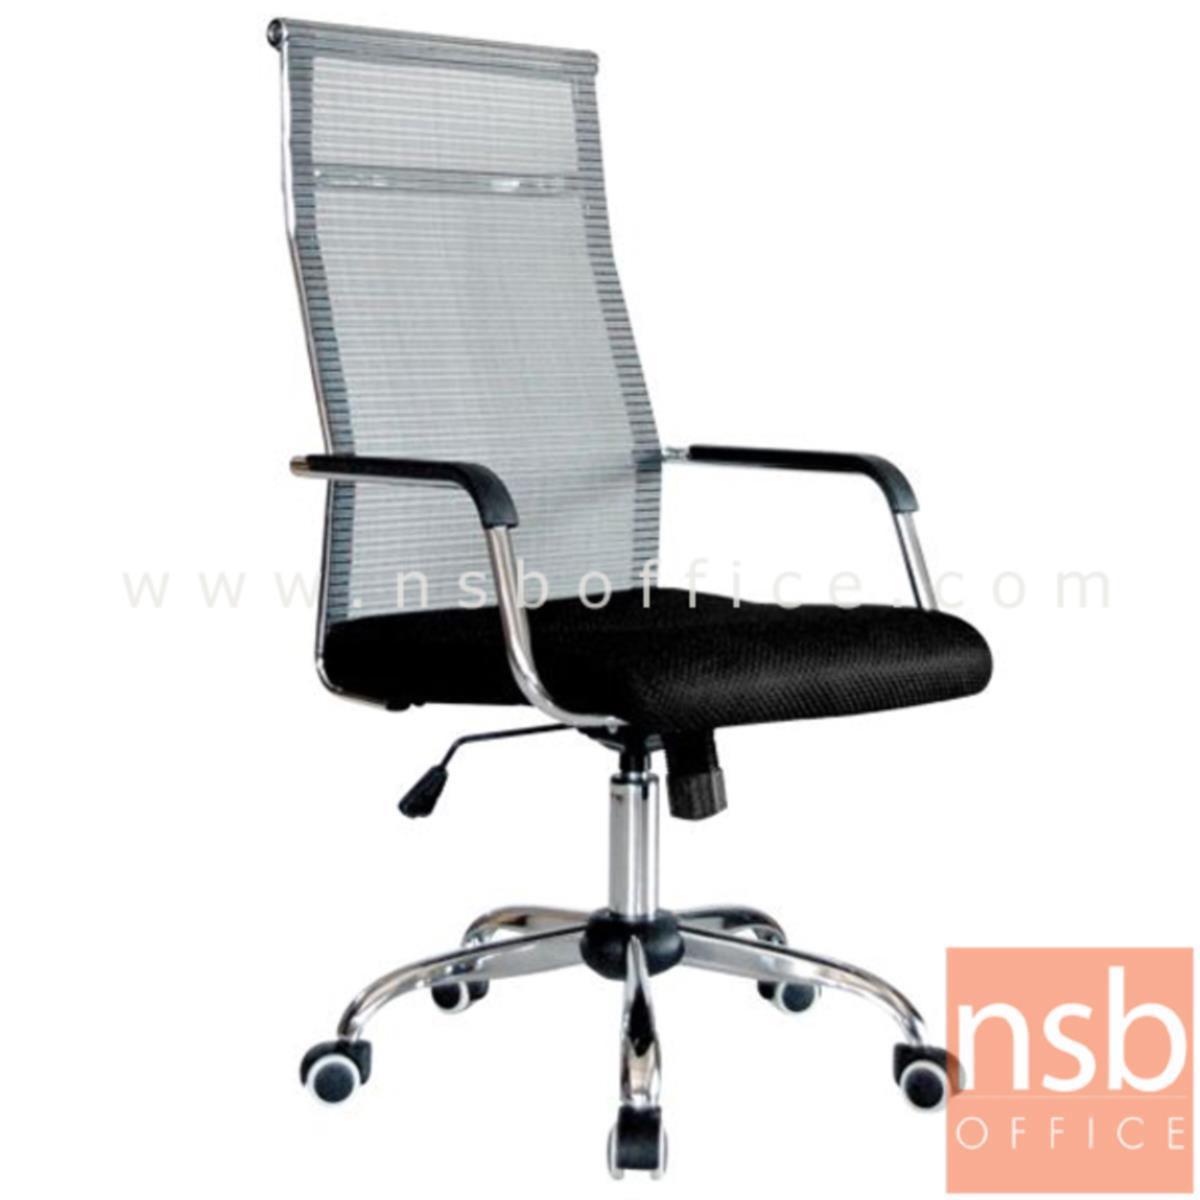 B24A202:เก้าอี้ผู้บริหารหลังเน็ต รุ่น Quintsoul (ควินท์โซล)  โช๊คแก๊ส มีก้อนโยก ขาเหล็กชุบโครเมี่ยม